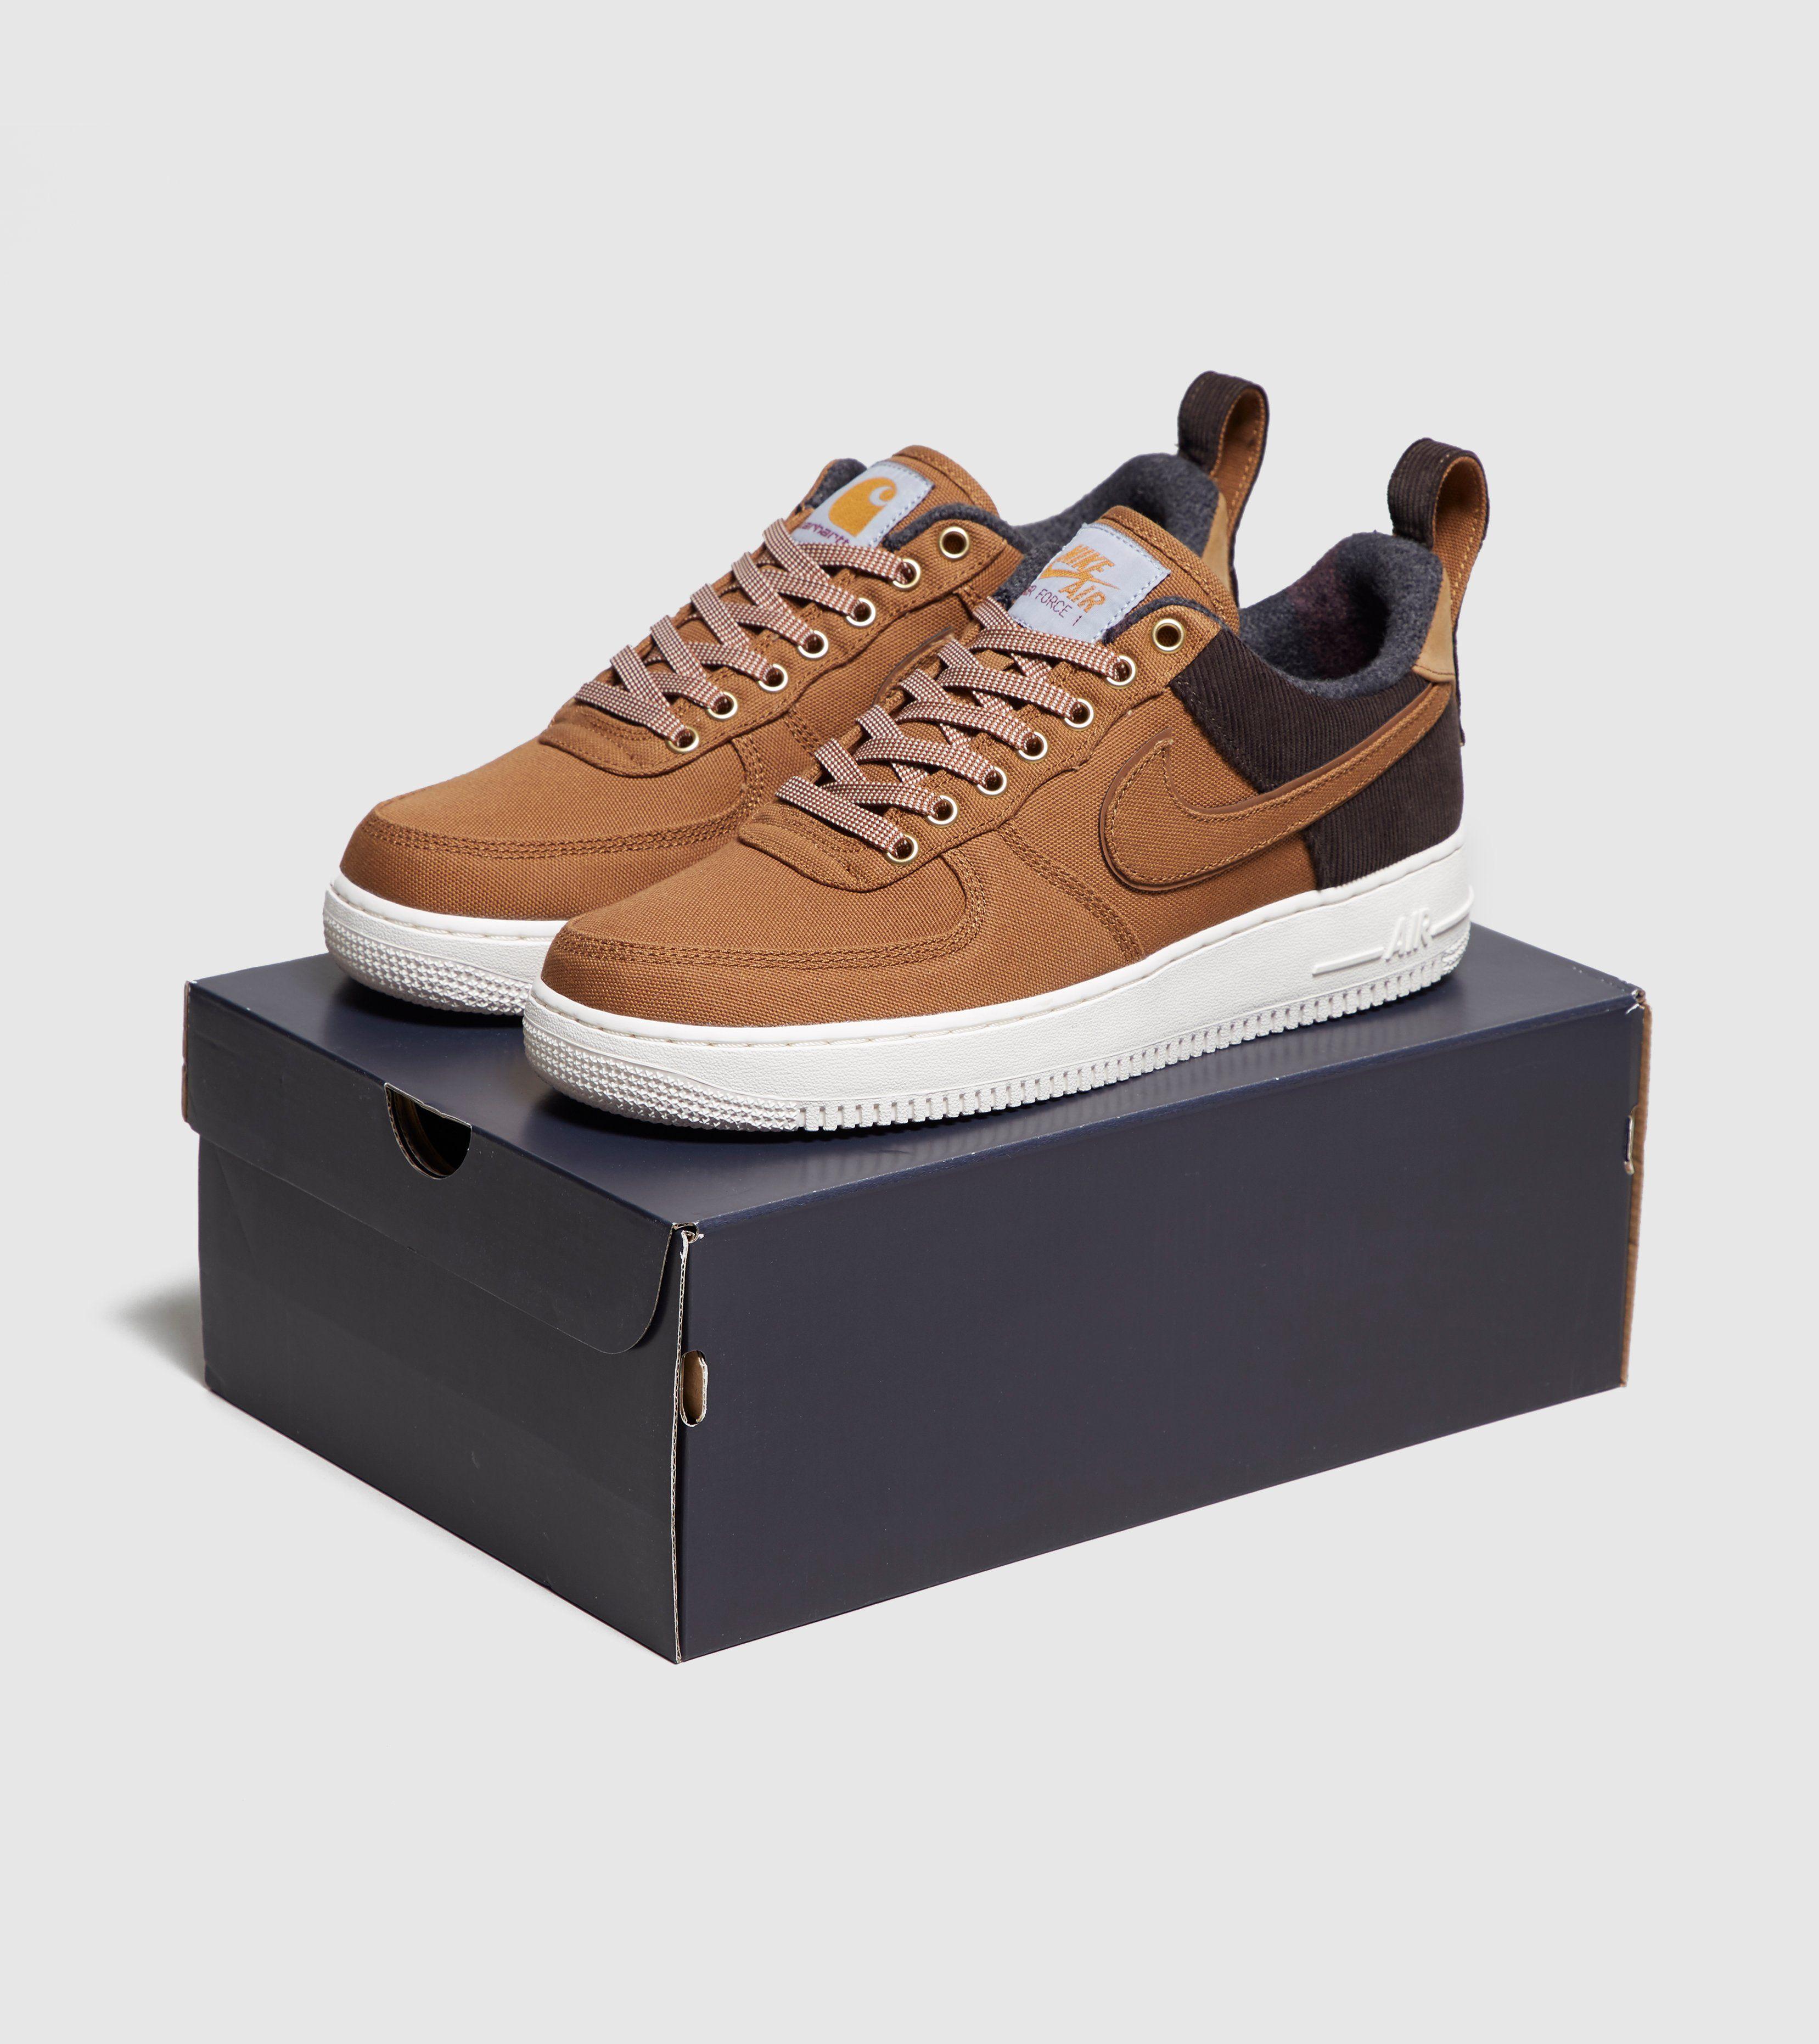 Nike x Carhartt WIP Air Force 1'07 Premium Low